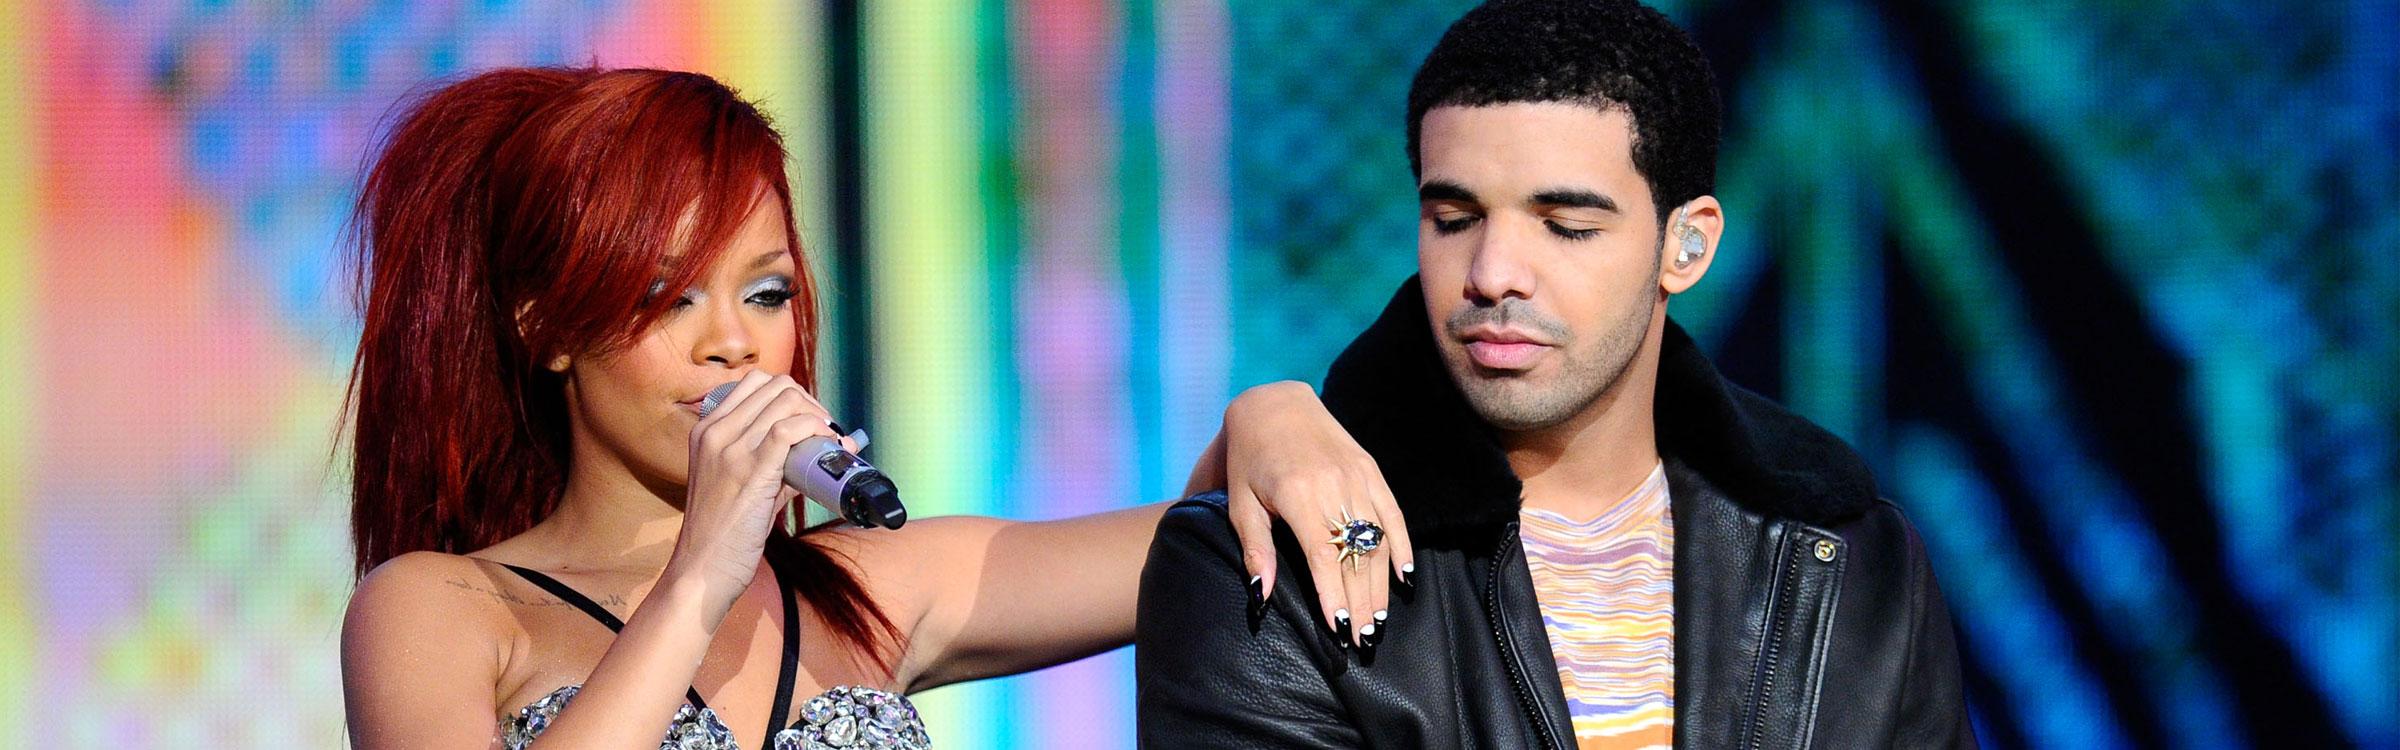 Drake riri header